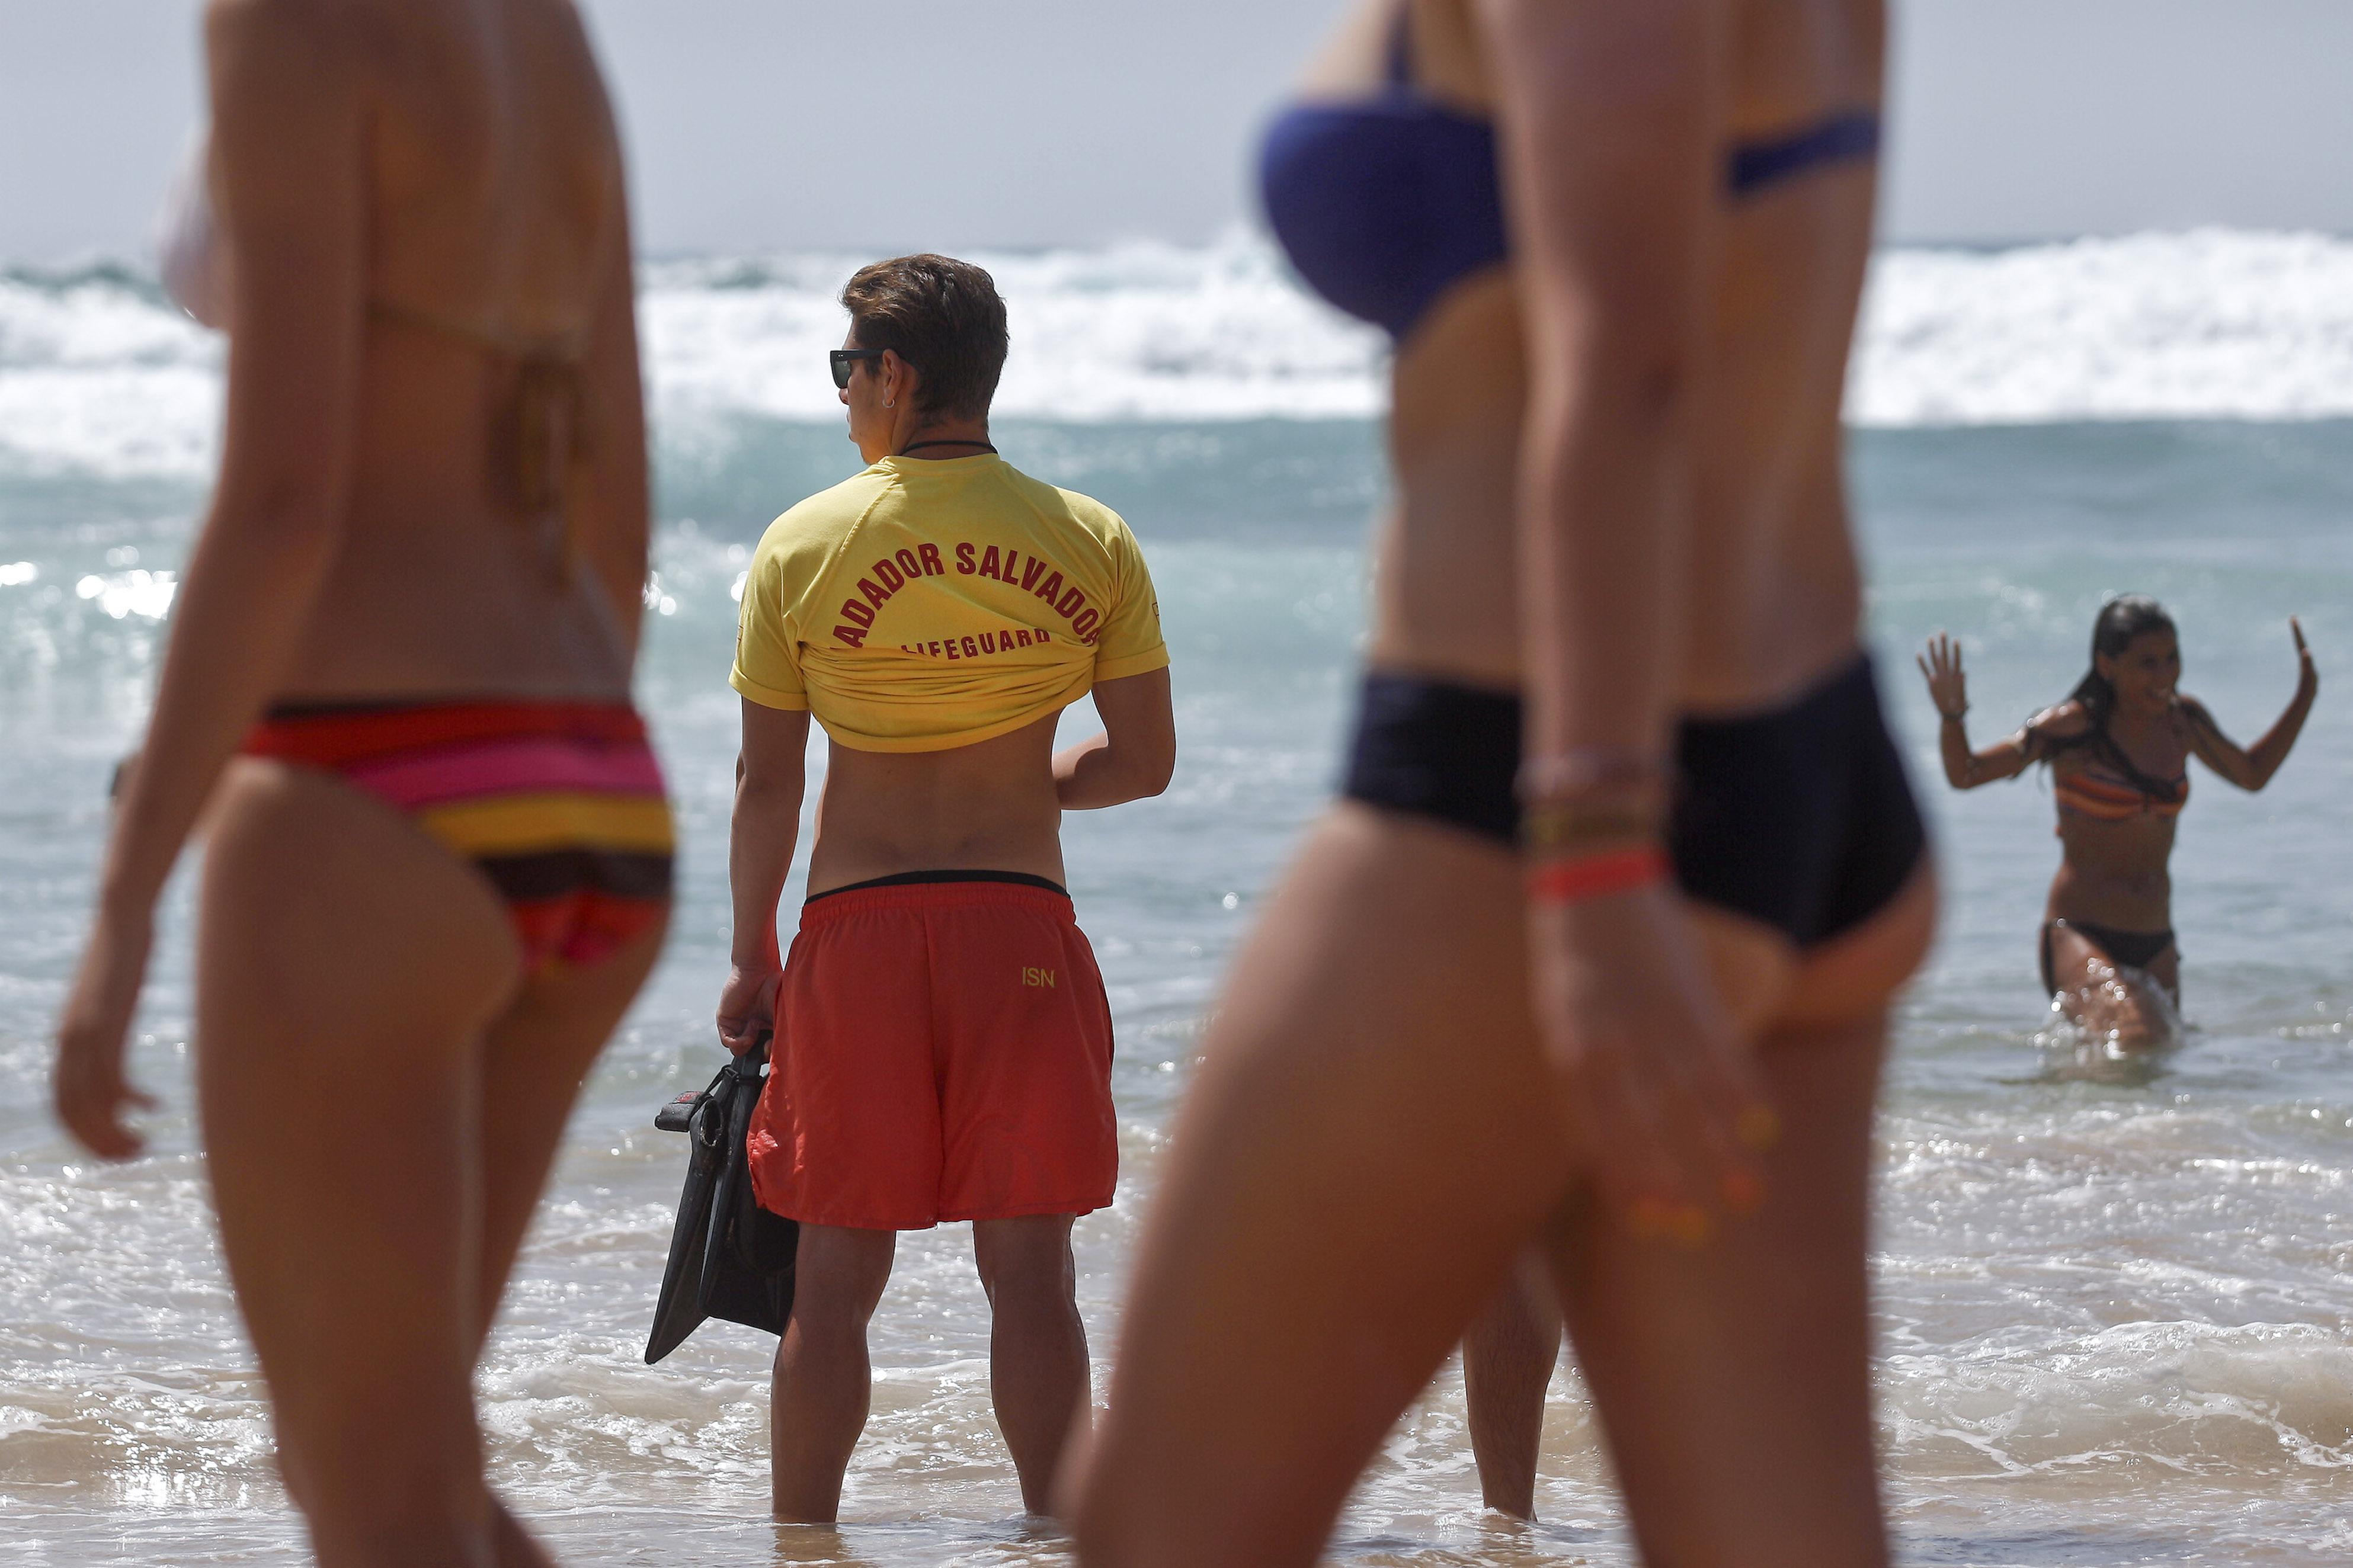 DGS lança campanha contra afogamentos. Pelo menos 40 pessoas já morreram este ano